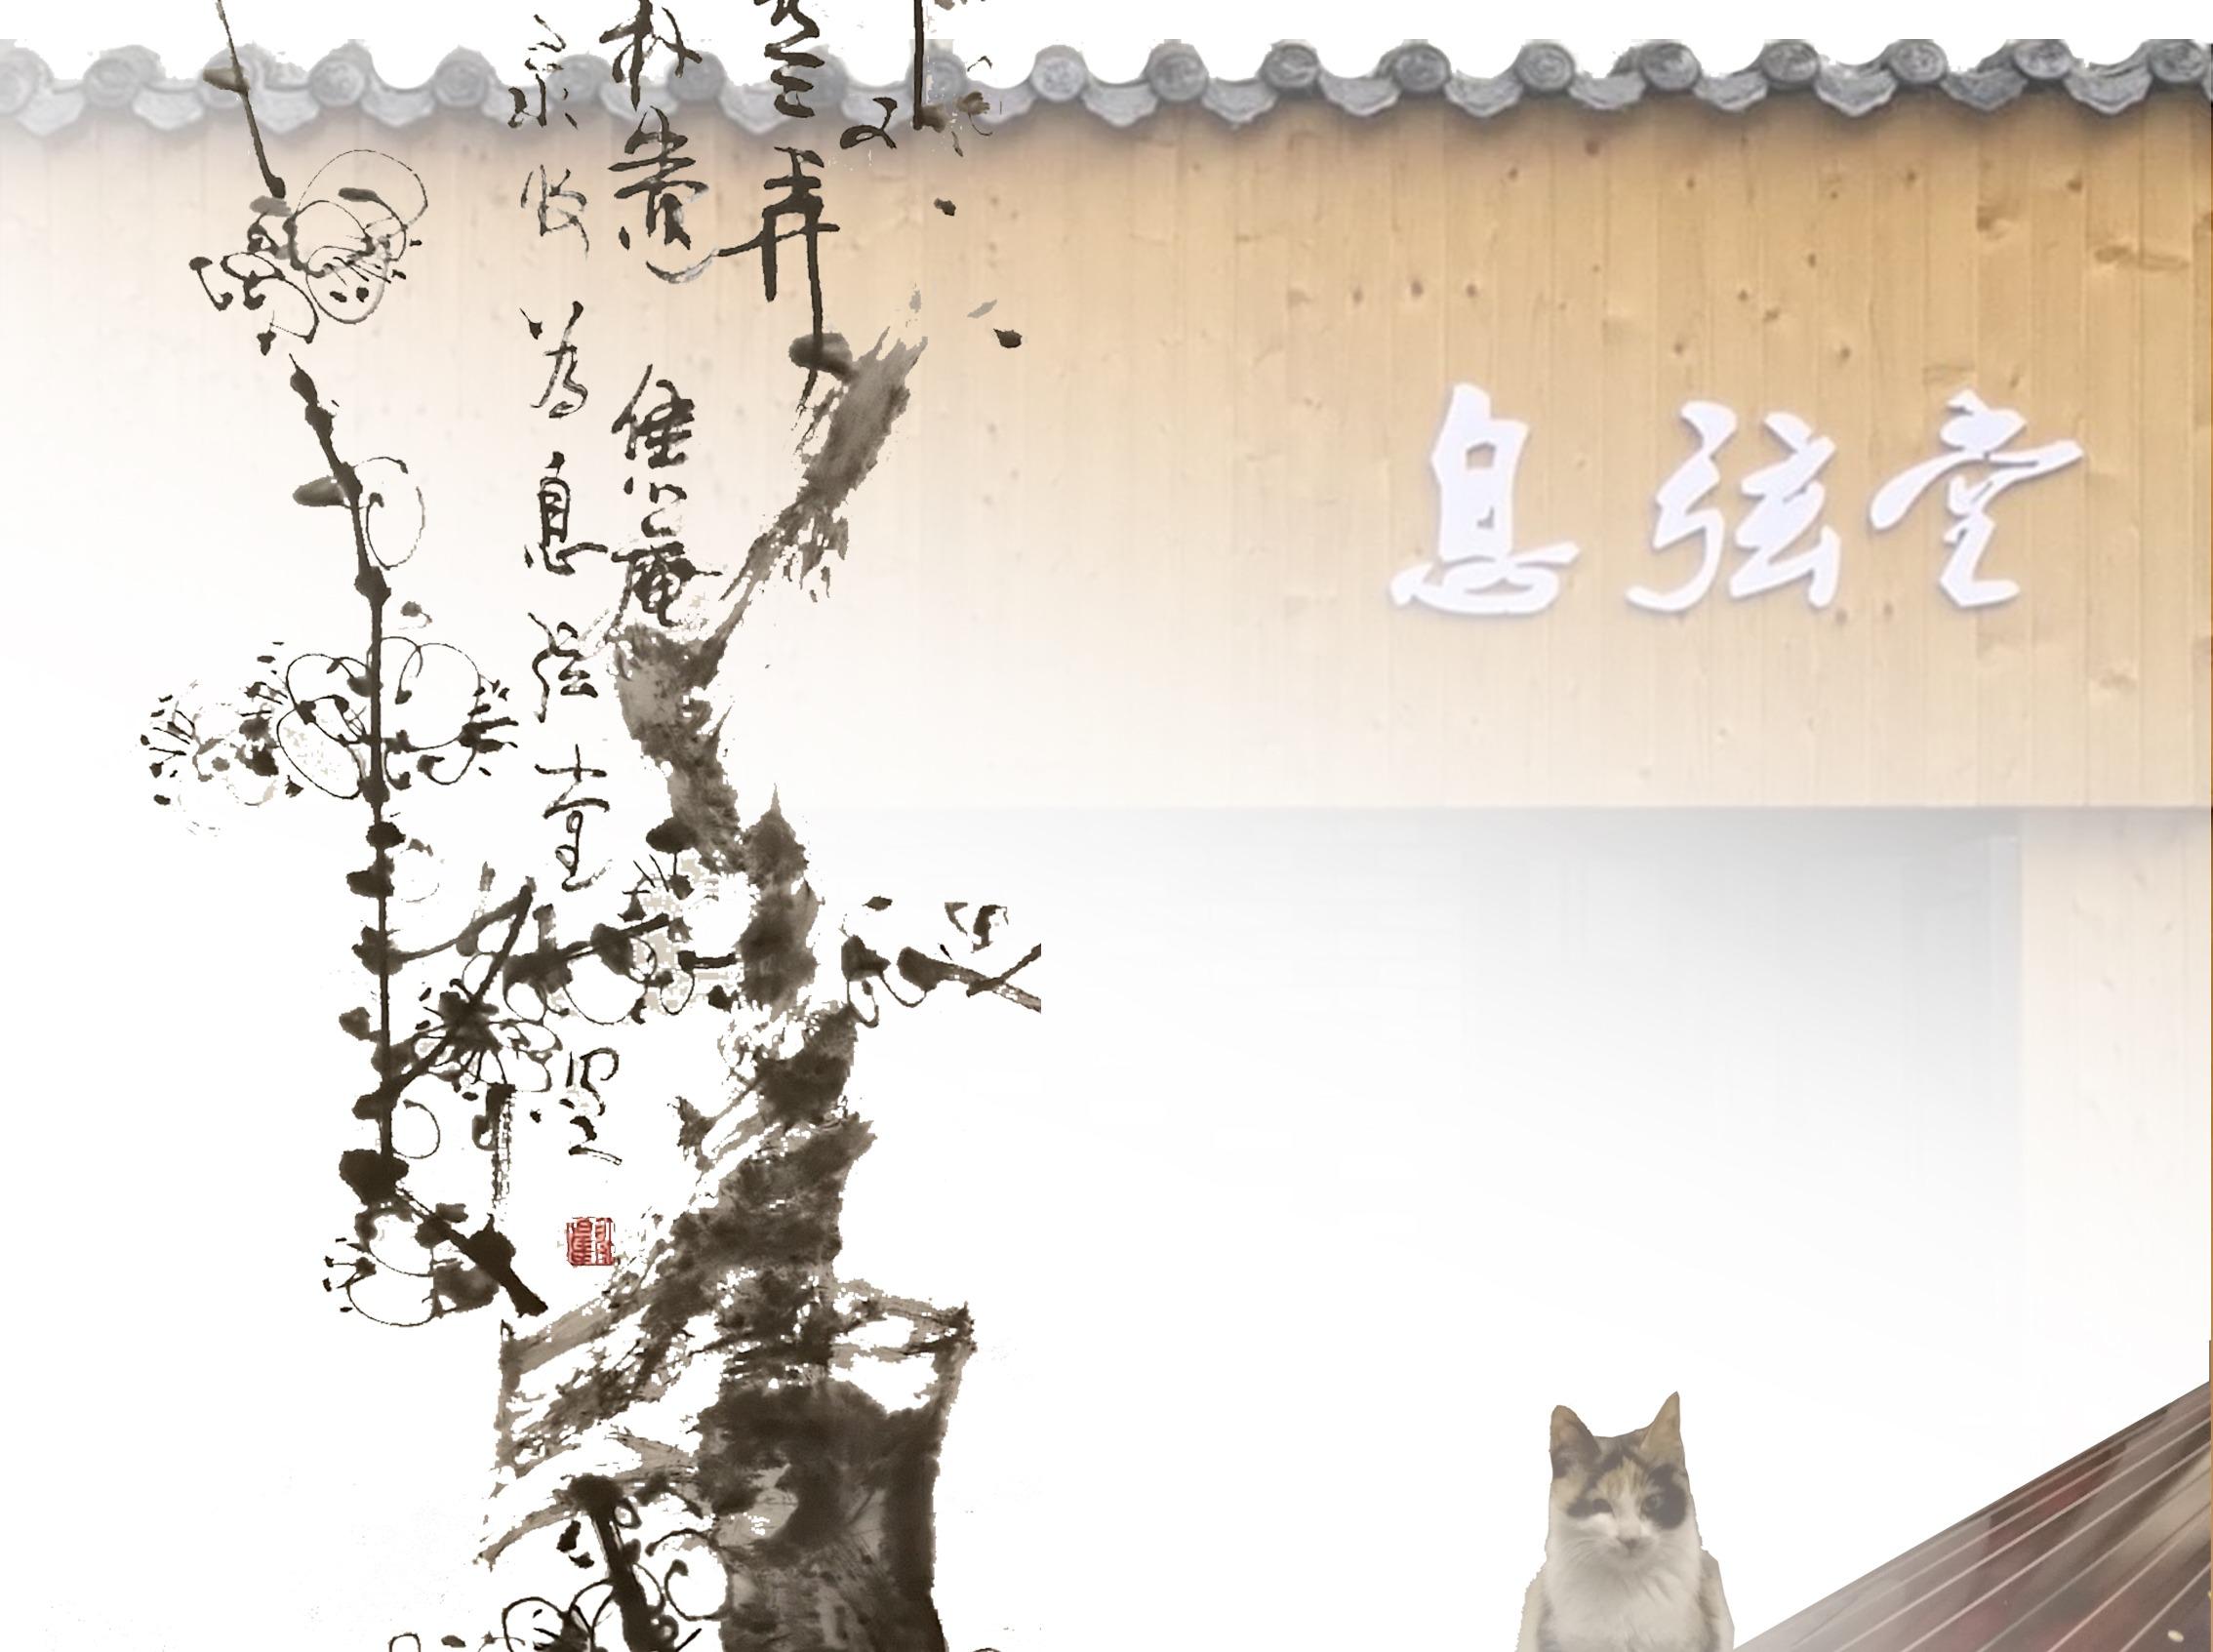 梅香迎寒|2018新年古琴雅集